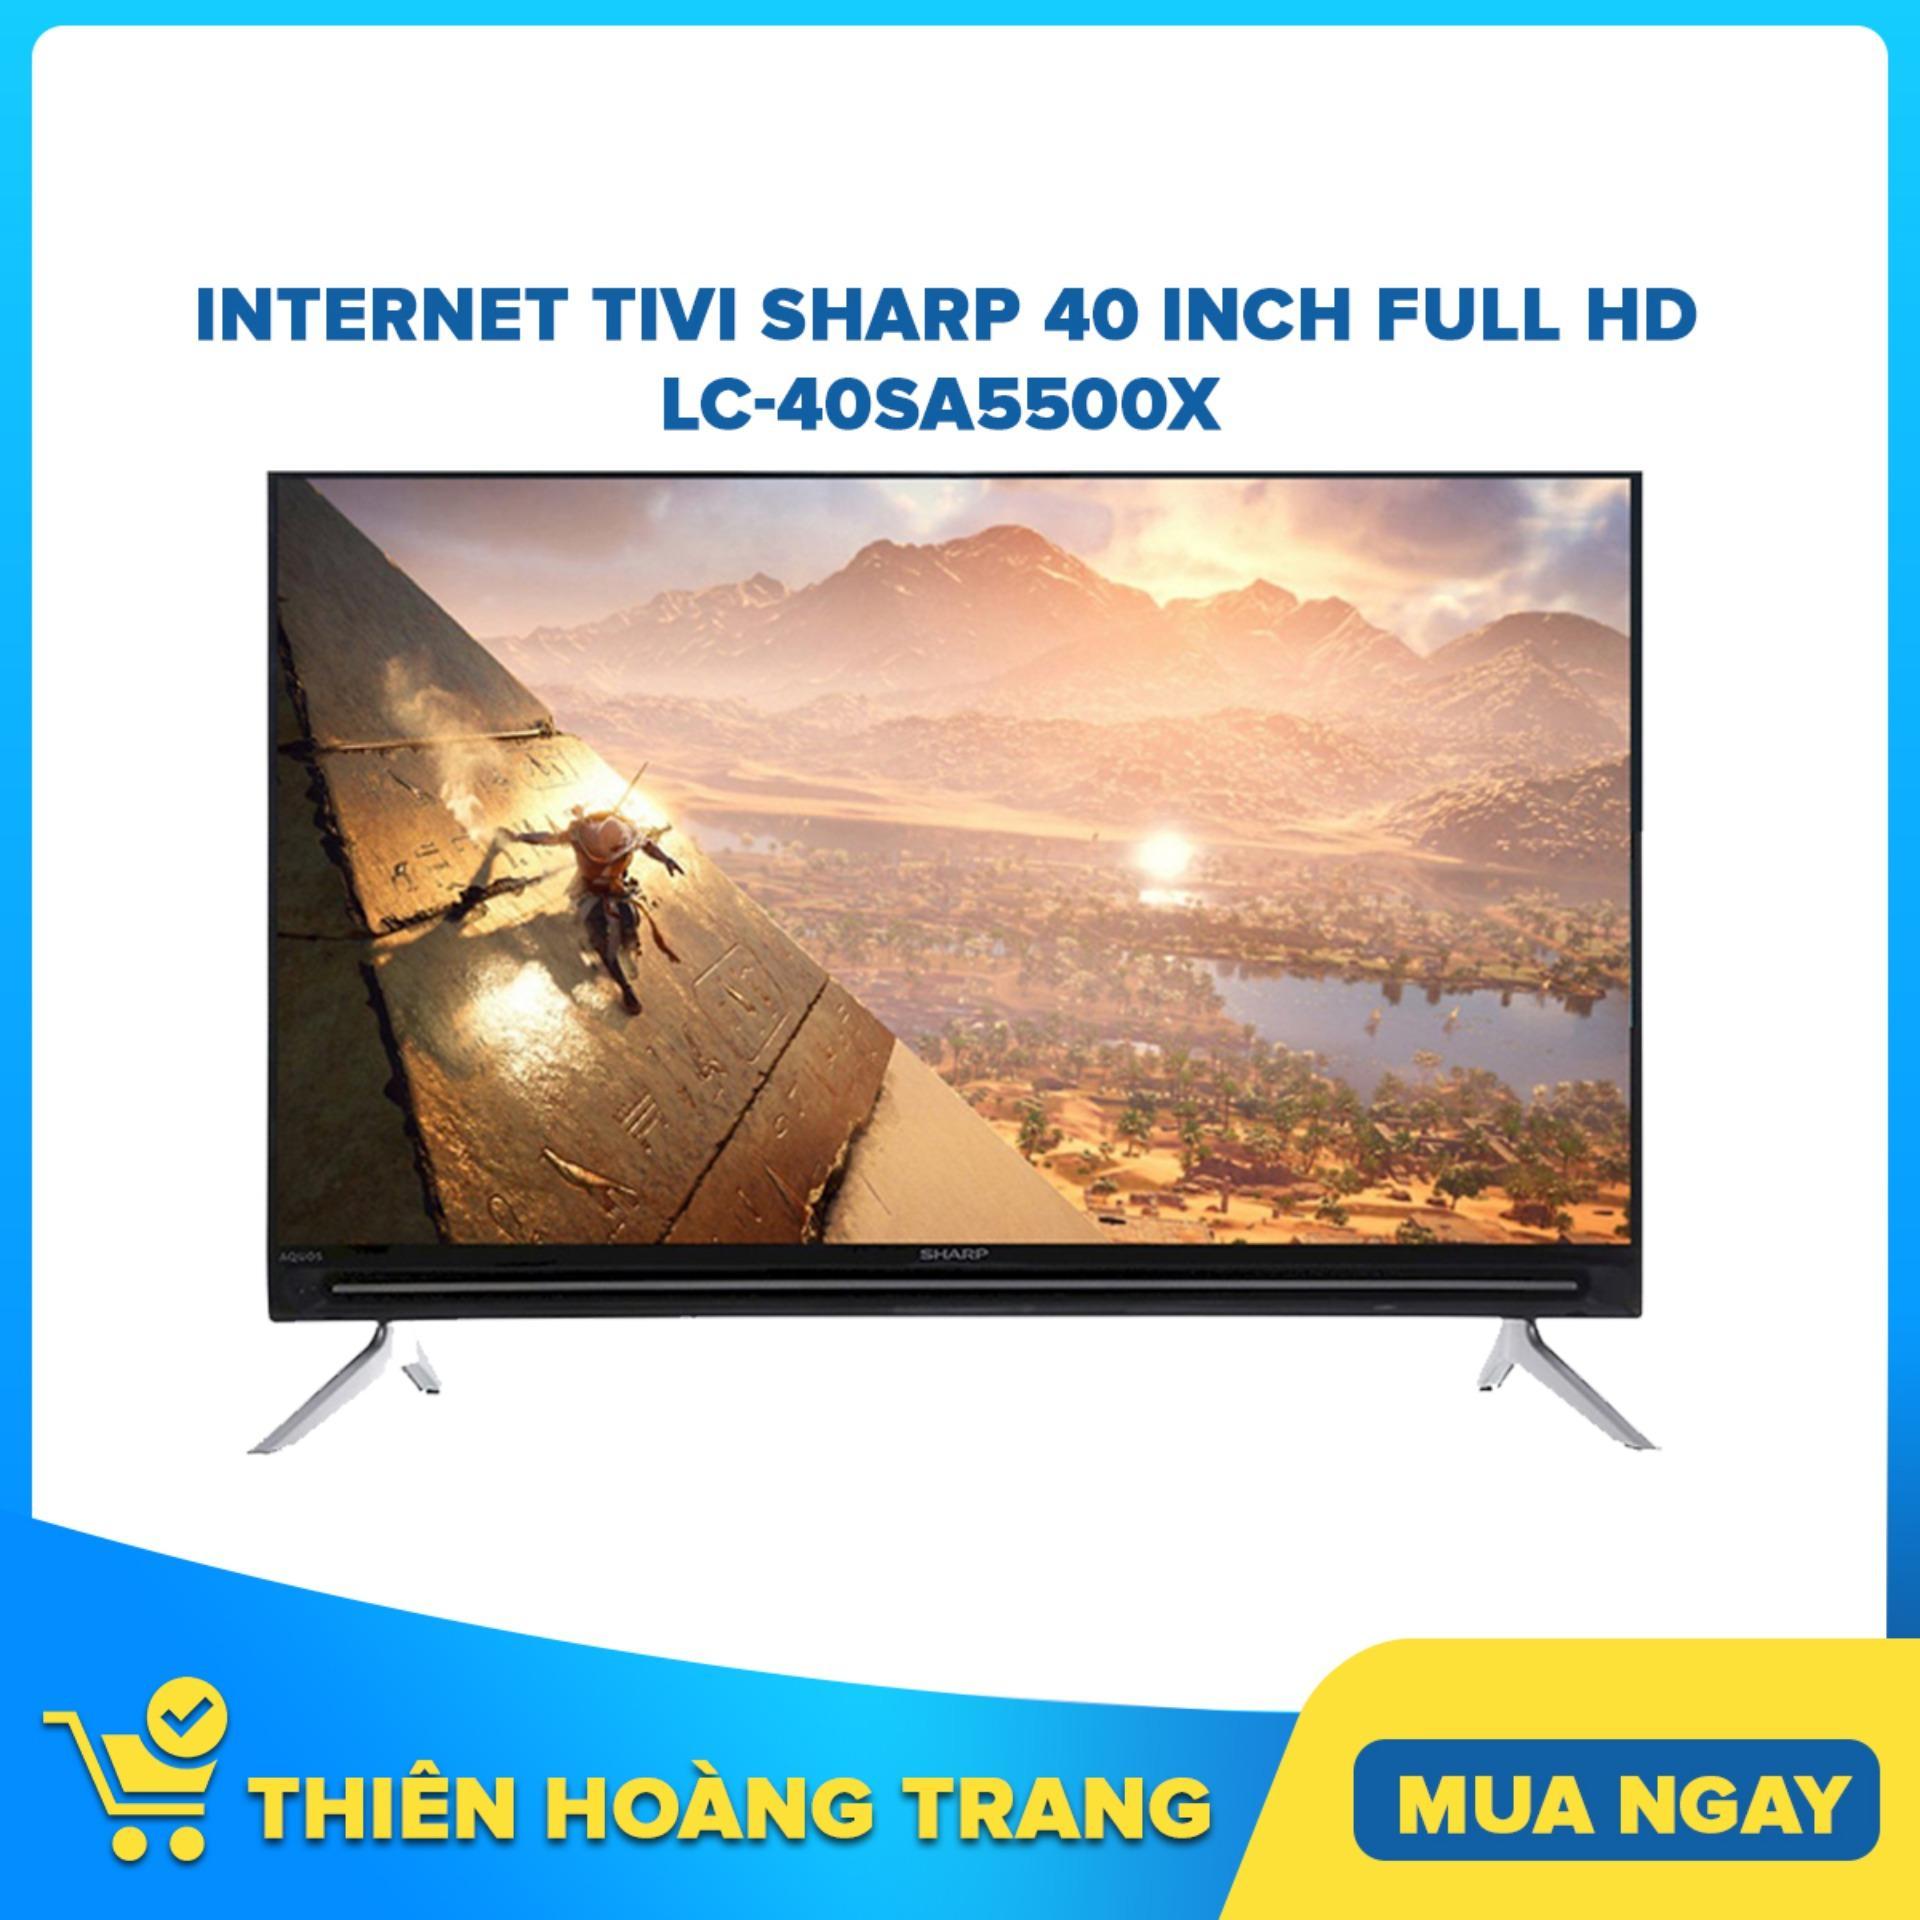 Bảng giá Internet Tivi Sharp 40 inch Full HD LC-40SA5500X